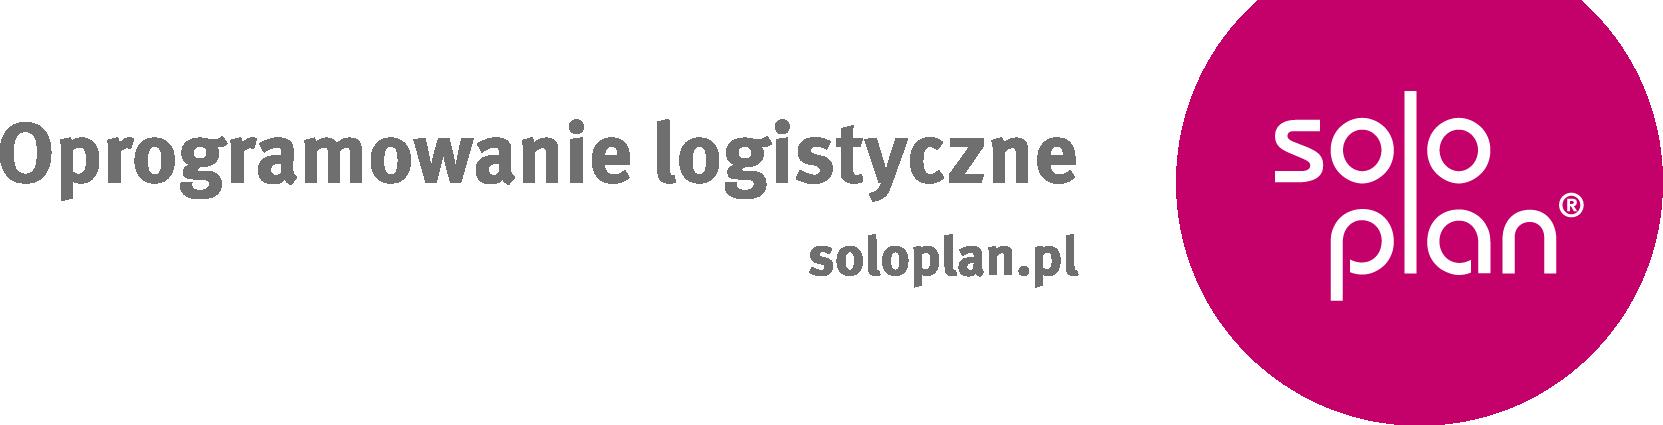 Oprogramowanie do planowania transportu, Oprogramowanie logistyczne, TMS – Soloplan Polska